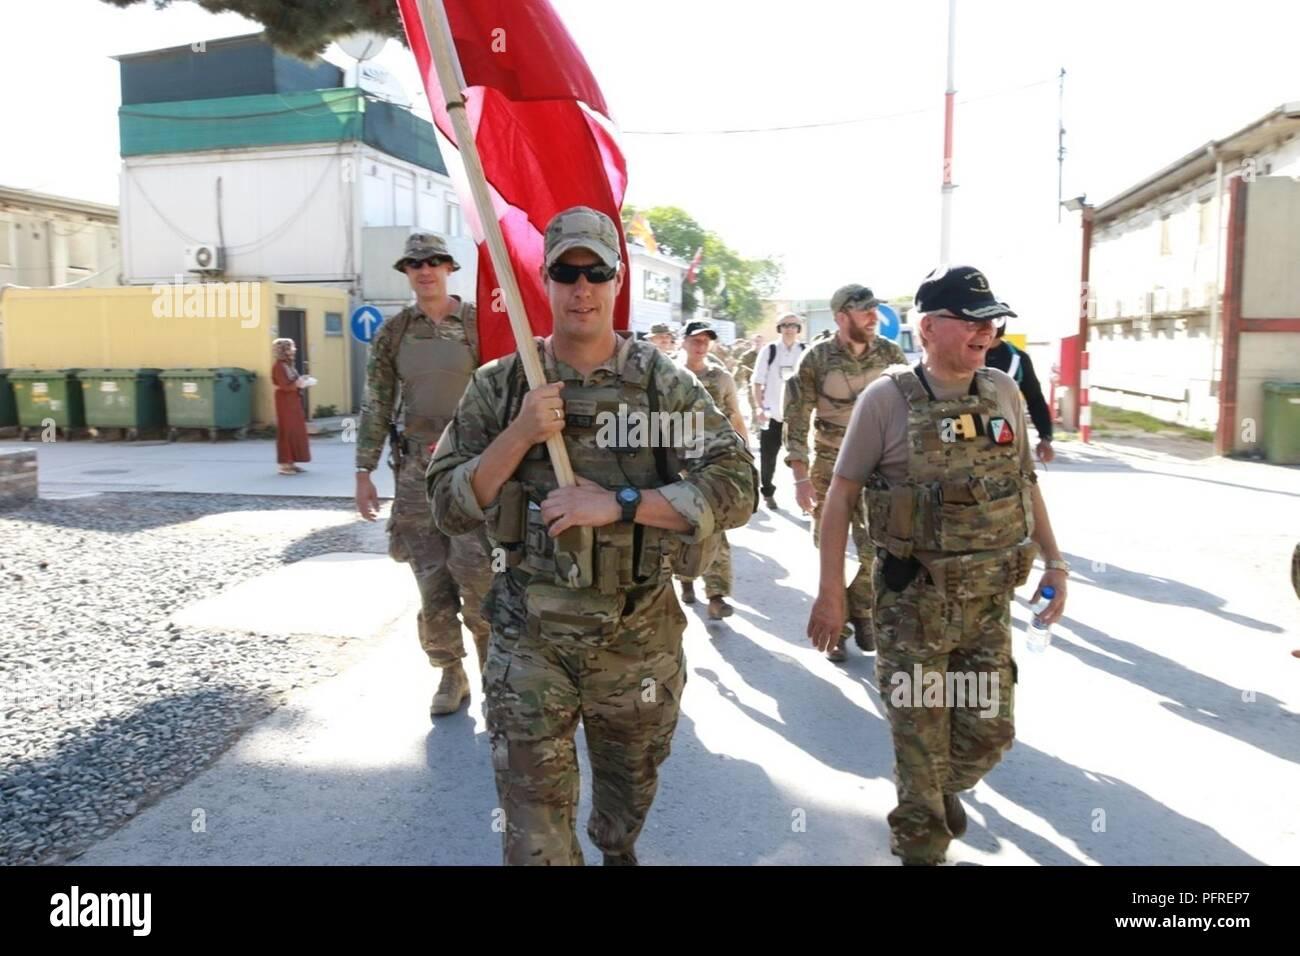 Kaboul, Afghanistan (mai 27, 2018) - Plus de 220 membres de l'appui résolu a effectué un 25 kilomètres de marche, connue sous le contingent danois (DANCON) Mars à l'appui d'anciens combattants danois. La marche a été une tradition avec la Défense danoise depuis 1972 lorsque l'Armée royale danoise a été déployée sur Chypre. Banque D'Images